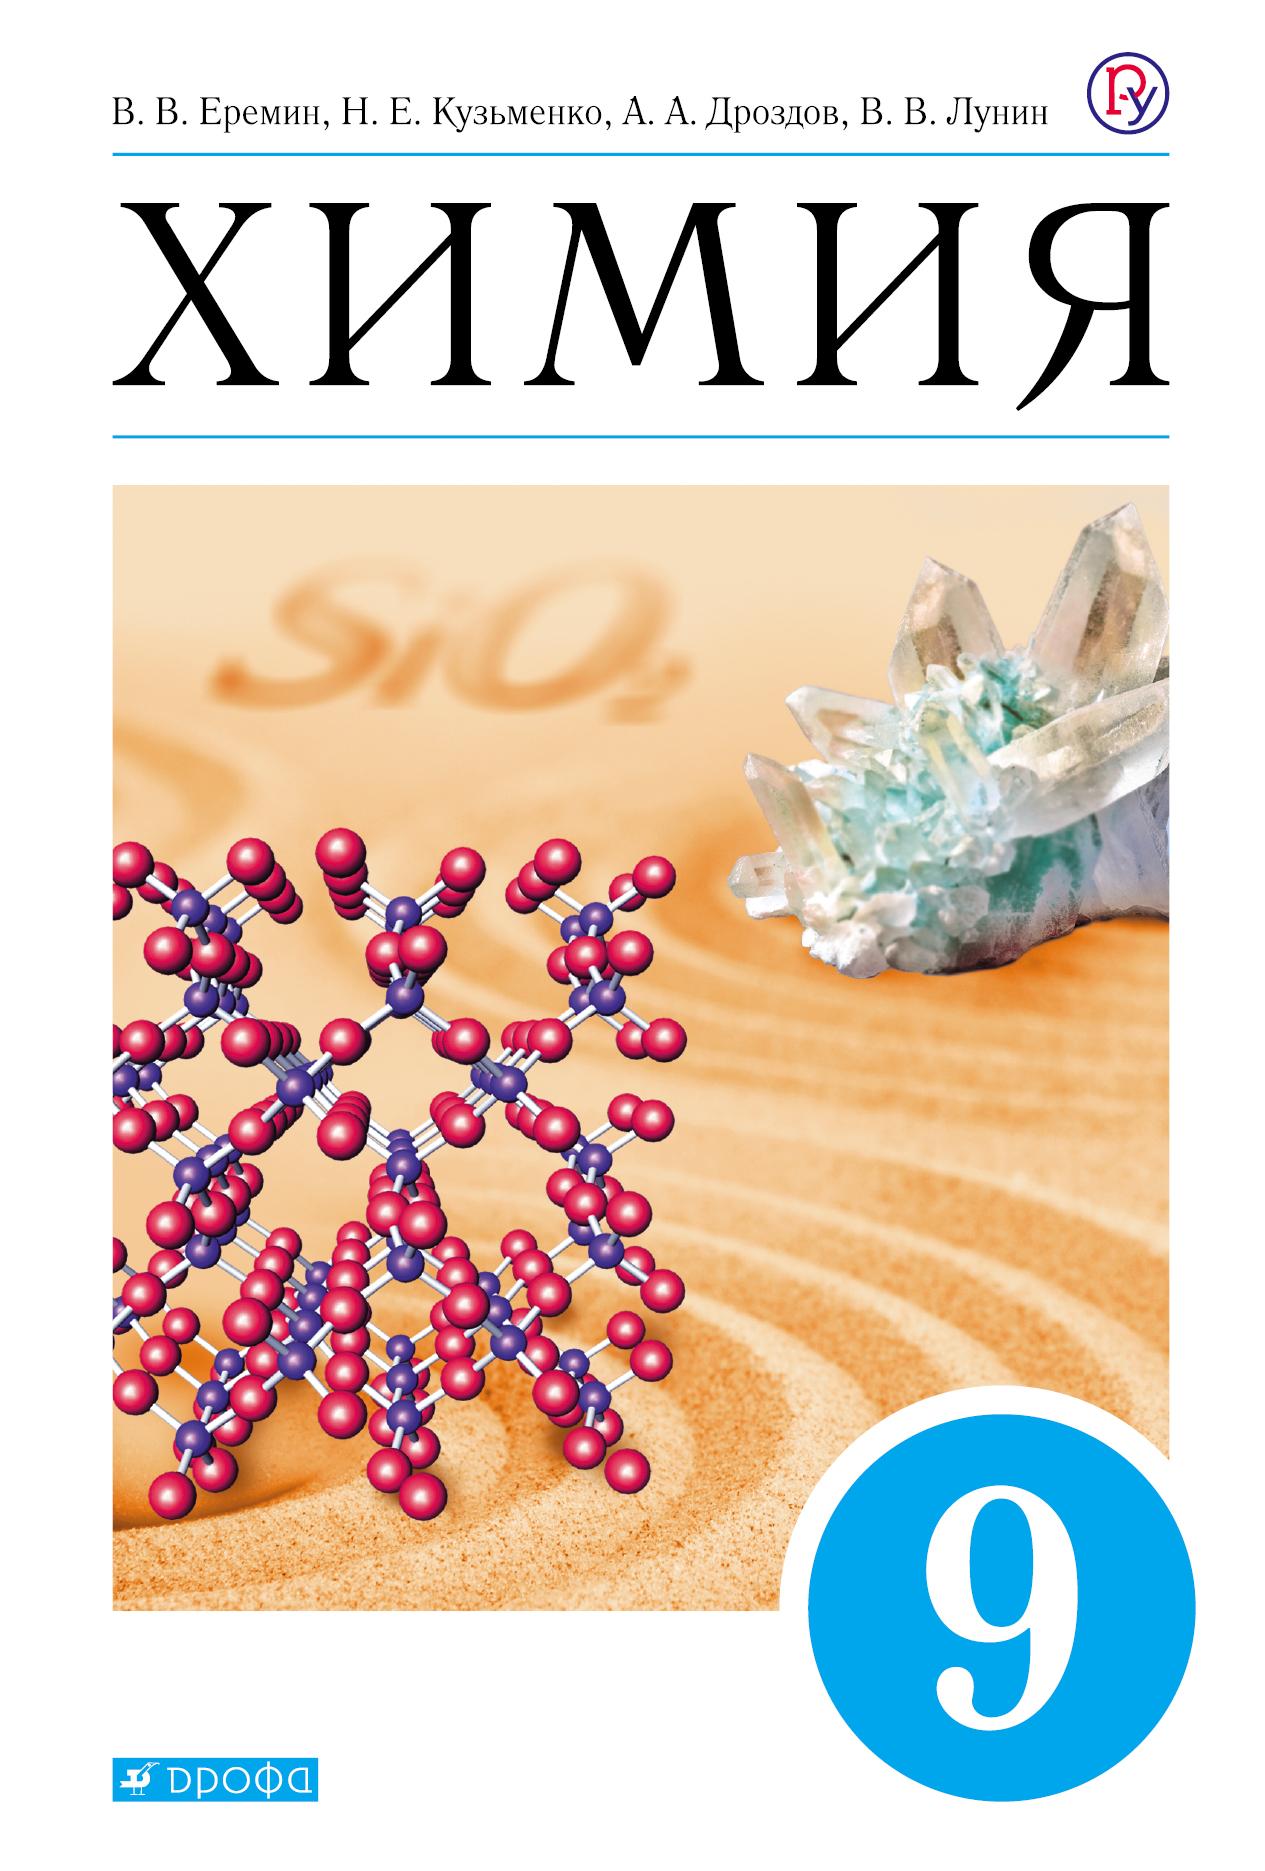 Еремин В.В., Кузьменко Н.Е., Дроздов А.А., Лунин В.В. Химия. 9 класс. Учебник